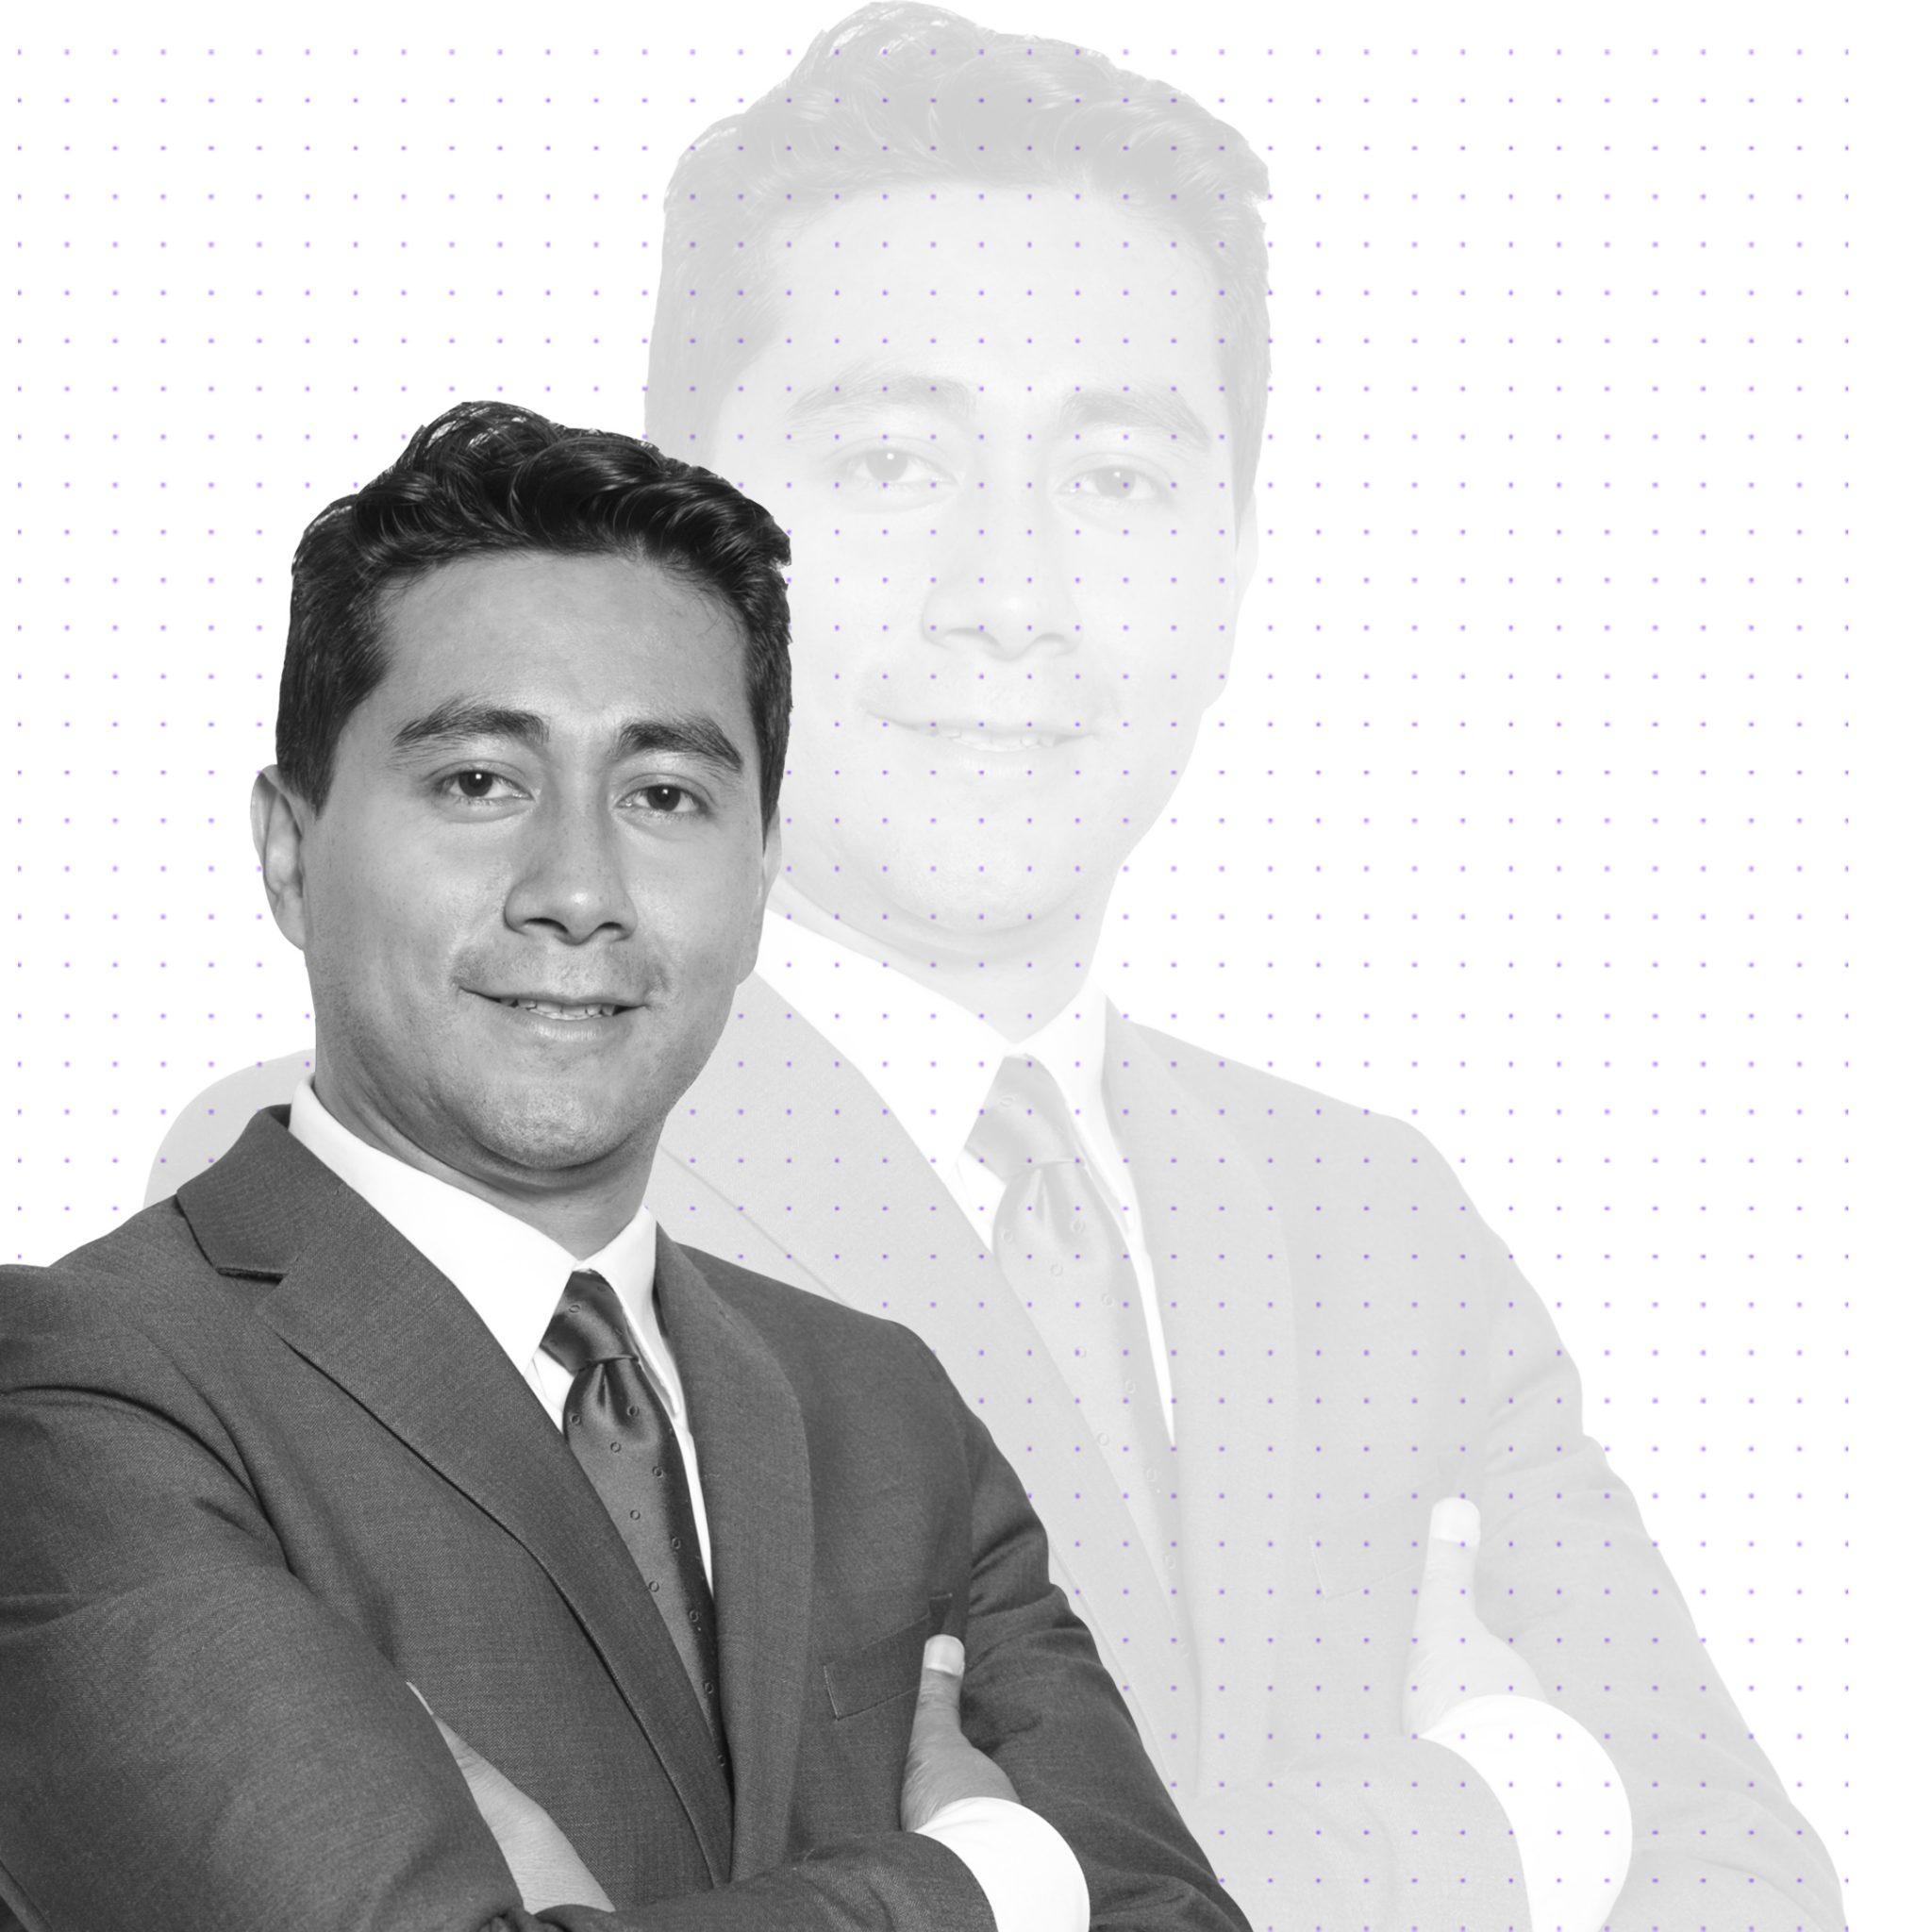 José Salgado